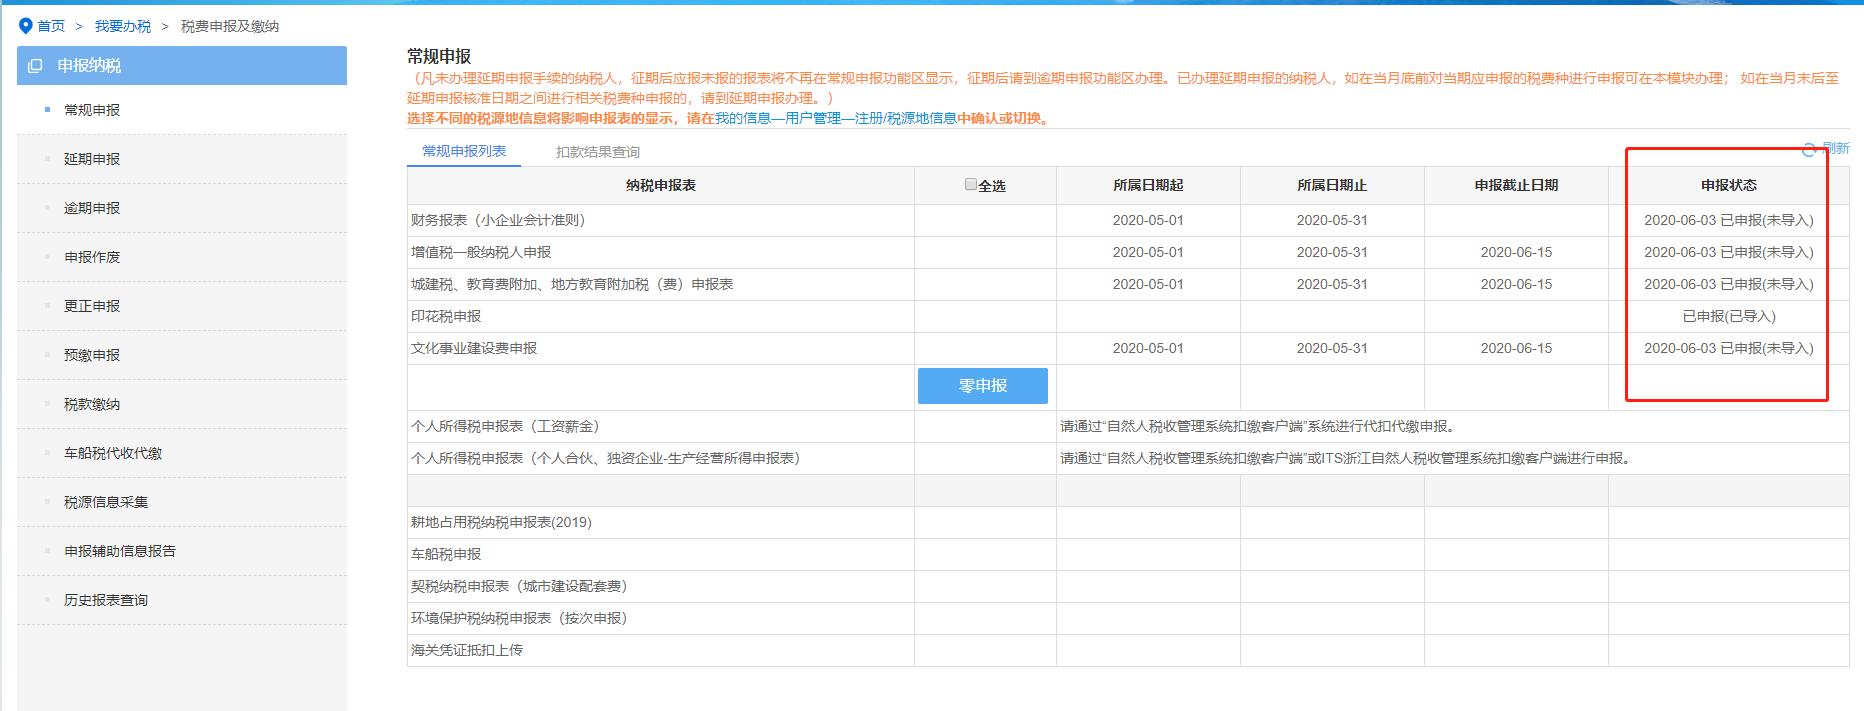 老师这个是我登录浙江电子税务局申报的,后面显示未导入是什么意思  这个是我们公司杭州分公司实际报税的